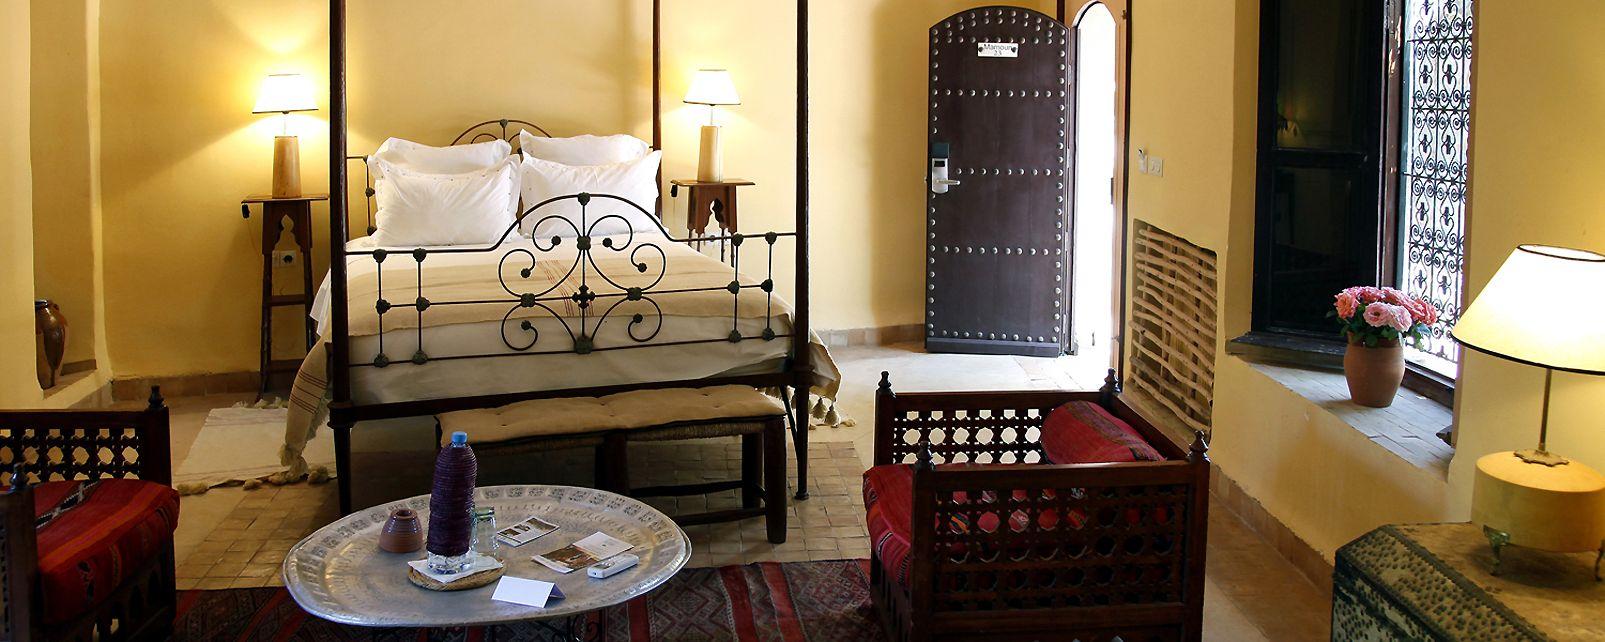 Hôtel by beldi, marrakech